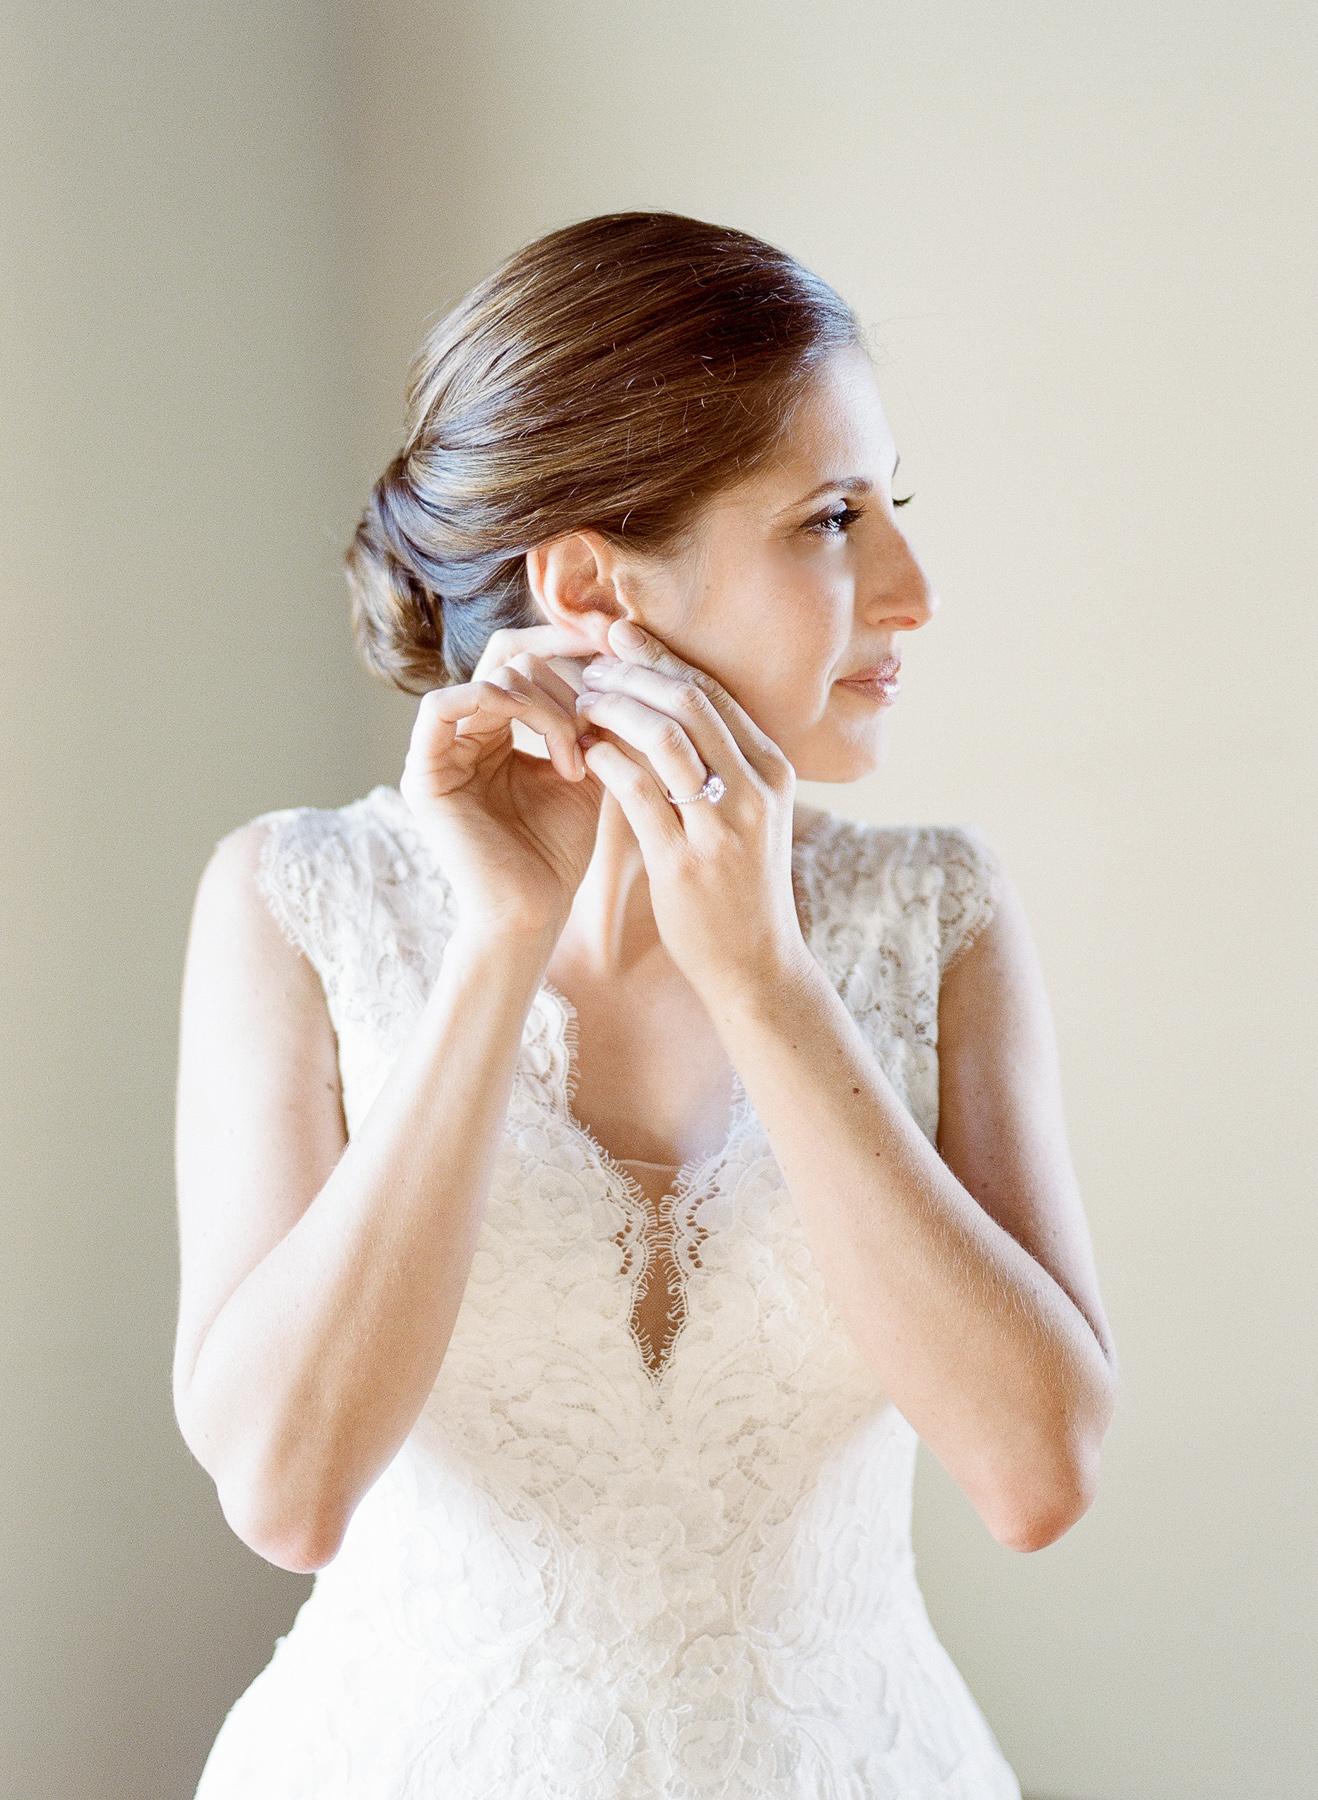 Bride putting in earrings